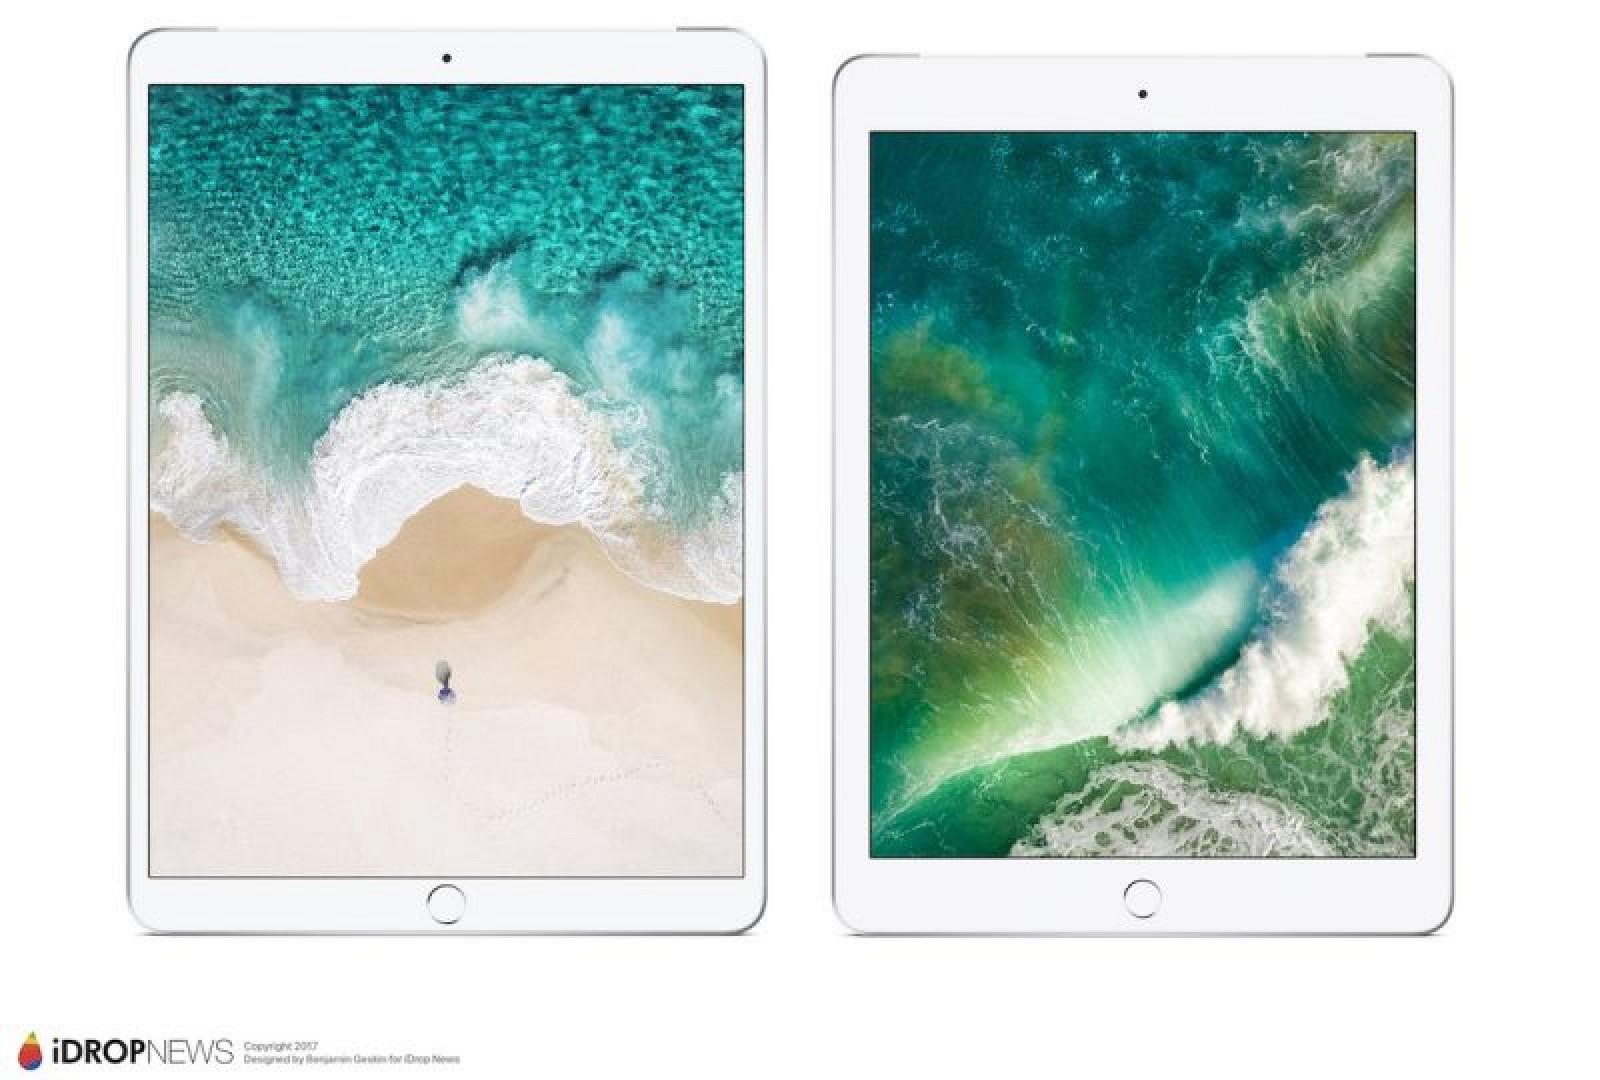 Nadchodzący iPad Pro o przekątnej 10,5 cala (z lewej strony) w porównaniu z obecnym iPadem o przekątnej 9,7 cala (po prawej)